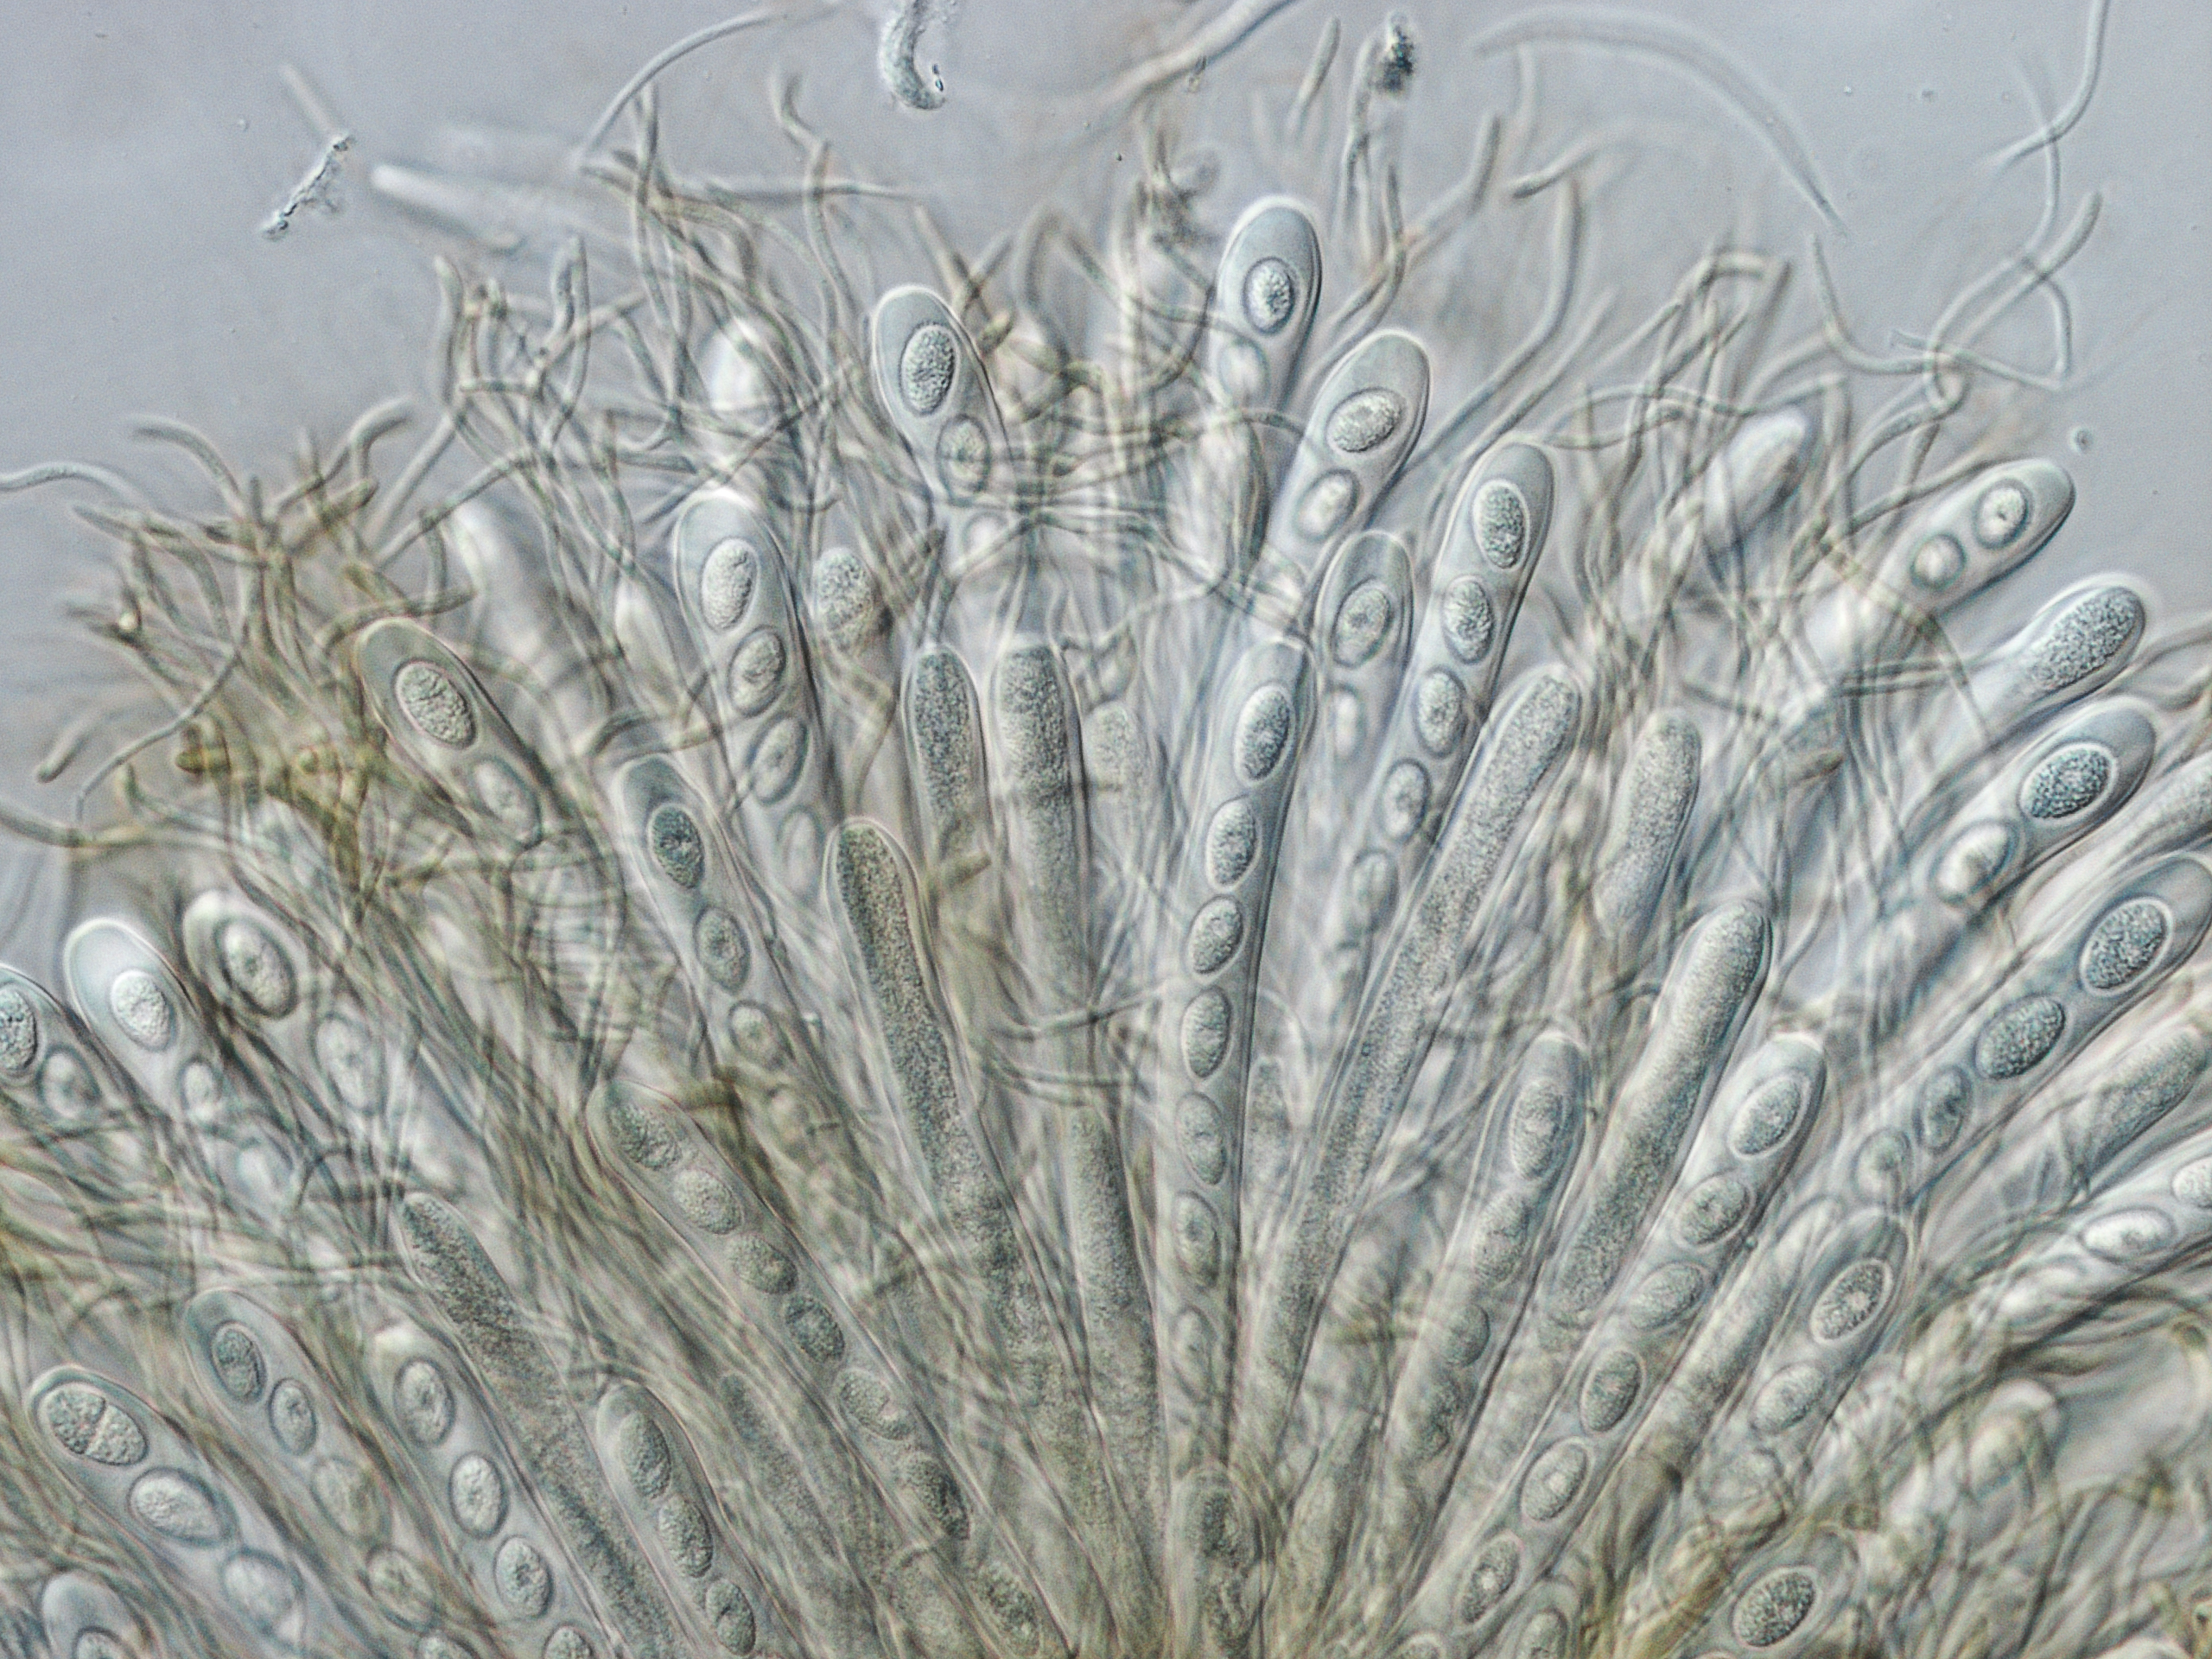 Tympanidaceae